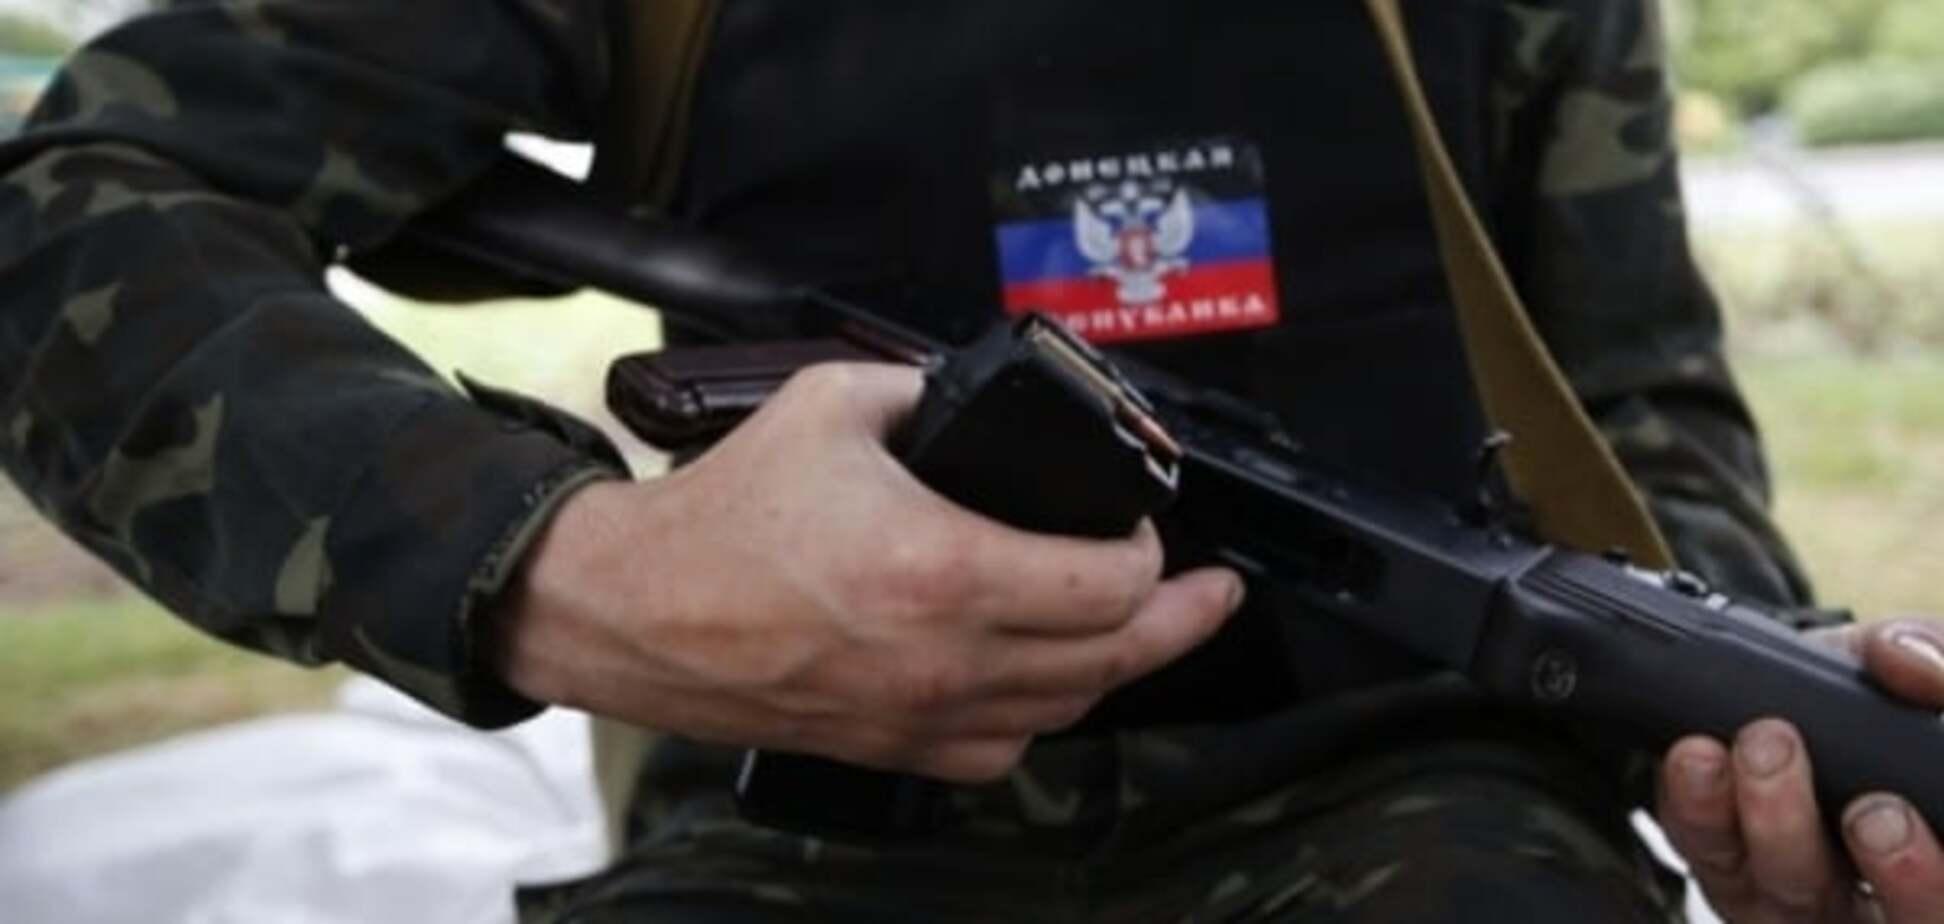 Немцы раскрыли схемы финансирования Россией террористов 'ДНР' и 'ЛНР'